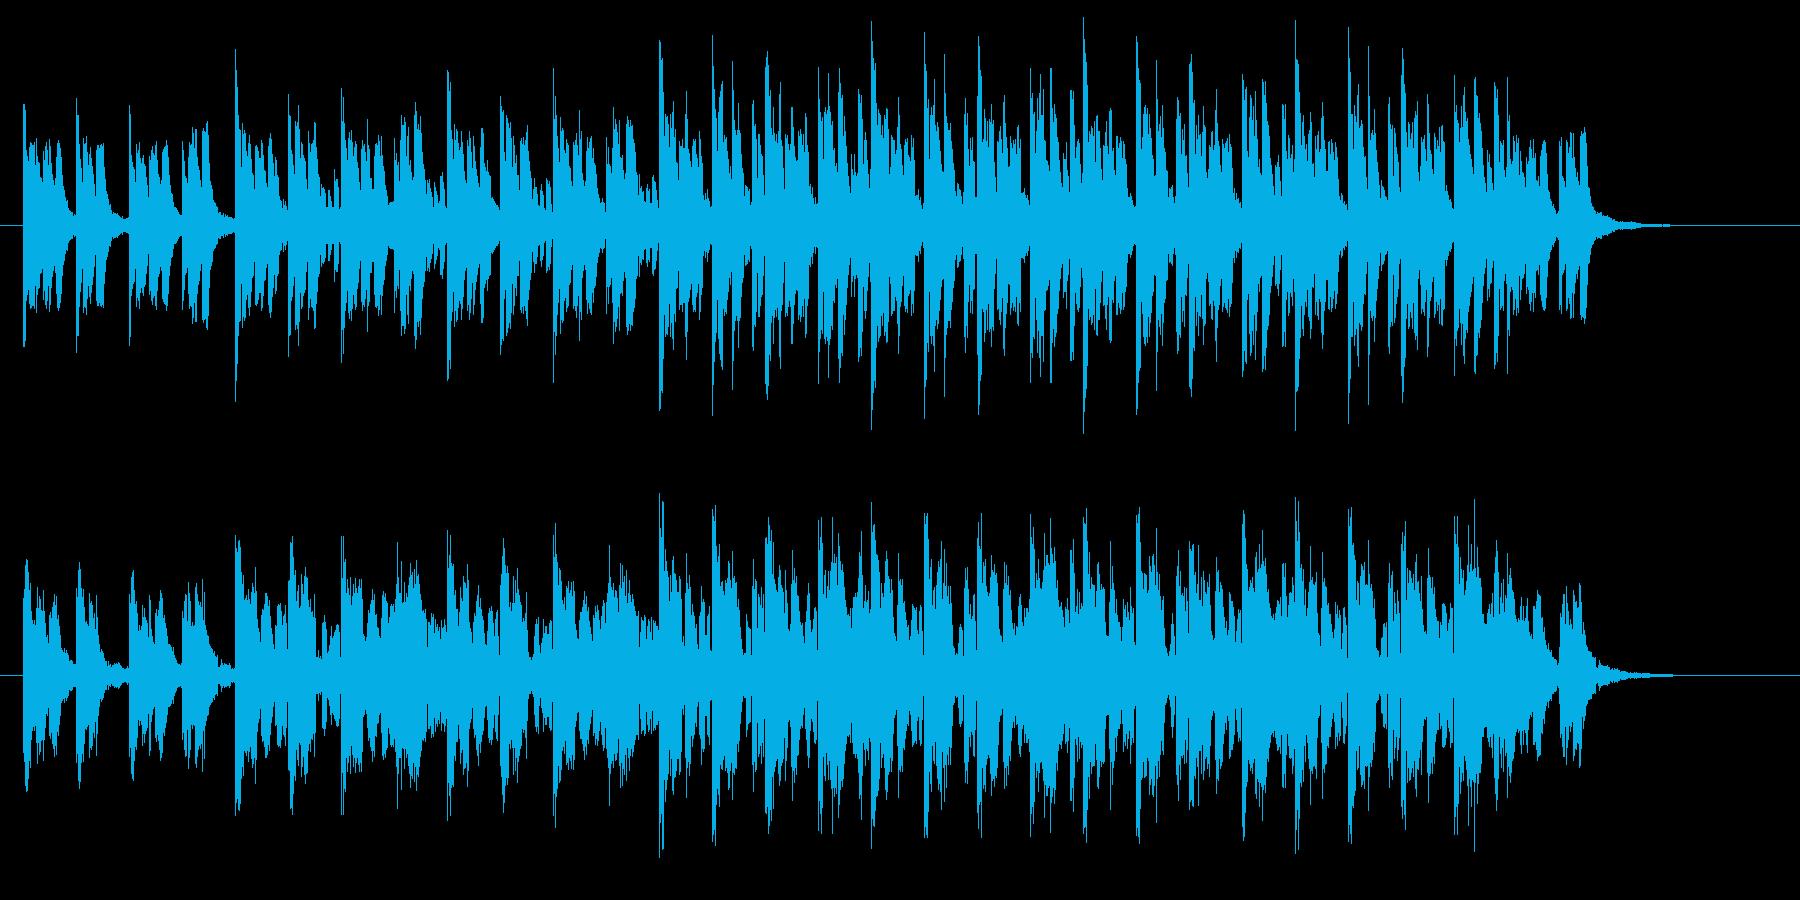 神秘的で軽快なテクノポップジングルの再生済みの波形